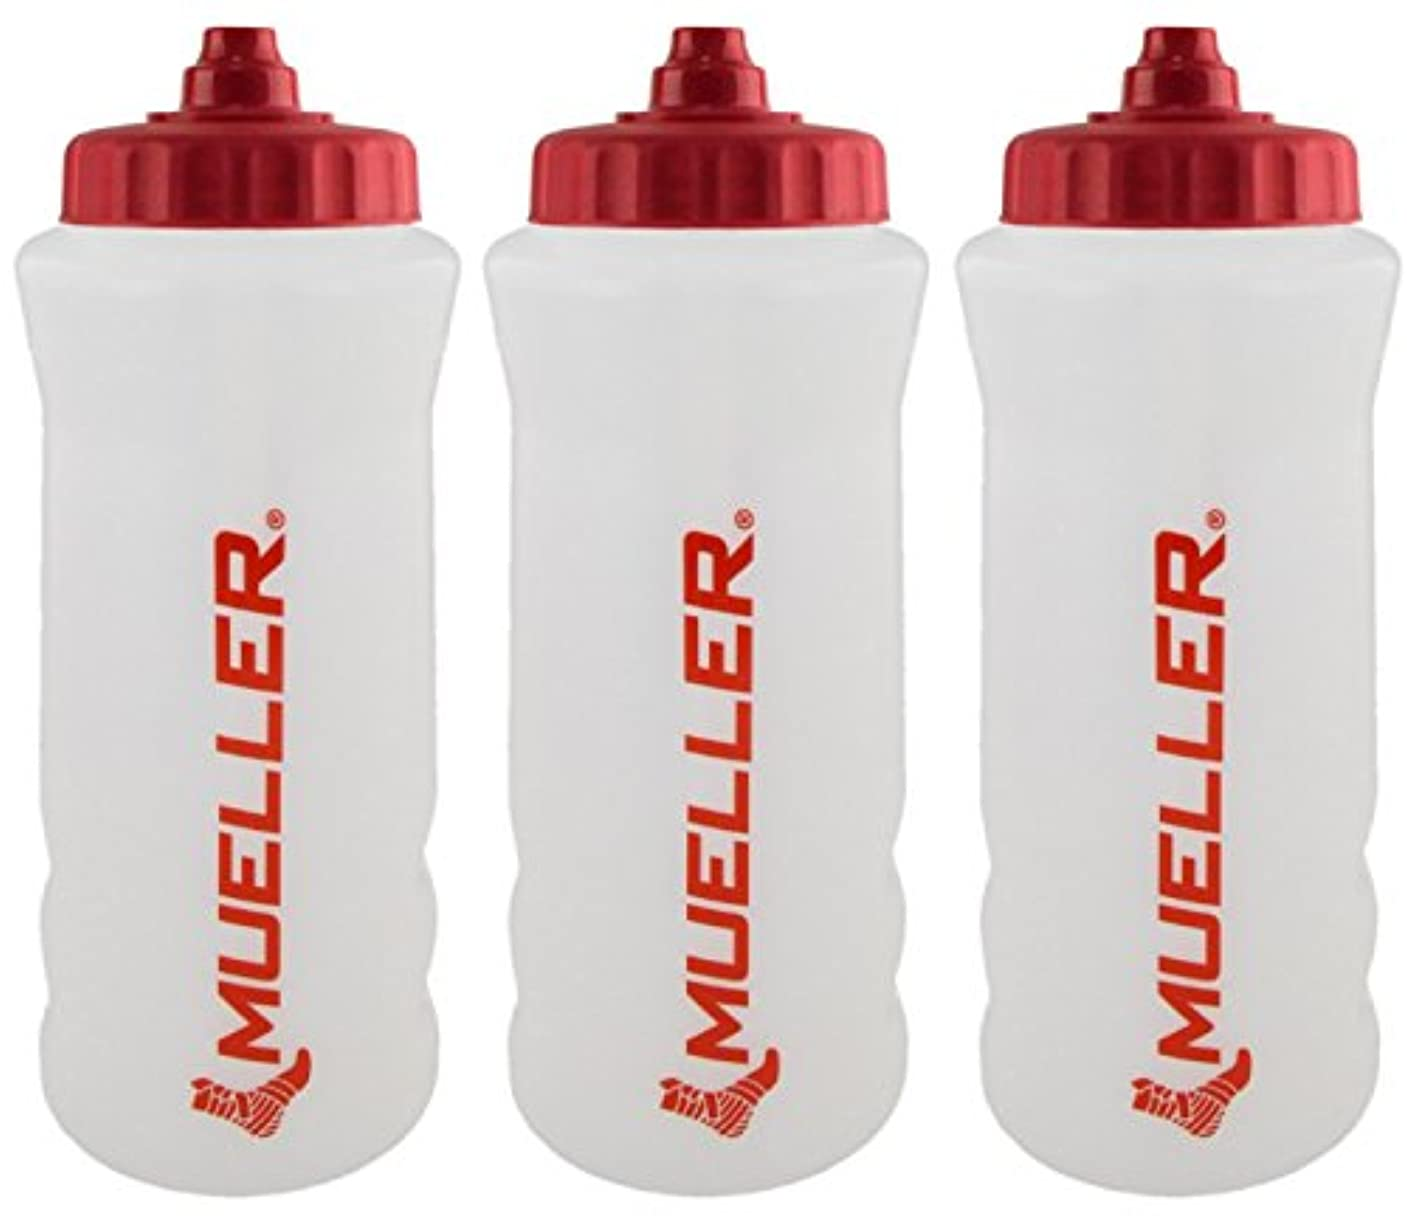 きゅうり吸収剤無限Mueller QuartボトルW / Sureshot Squeeze (新しいデザイン、ナチュラルカラーW /レッドLetters